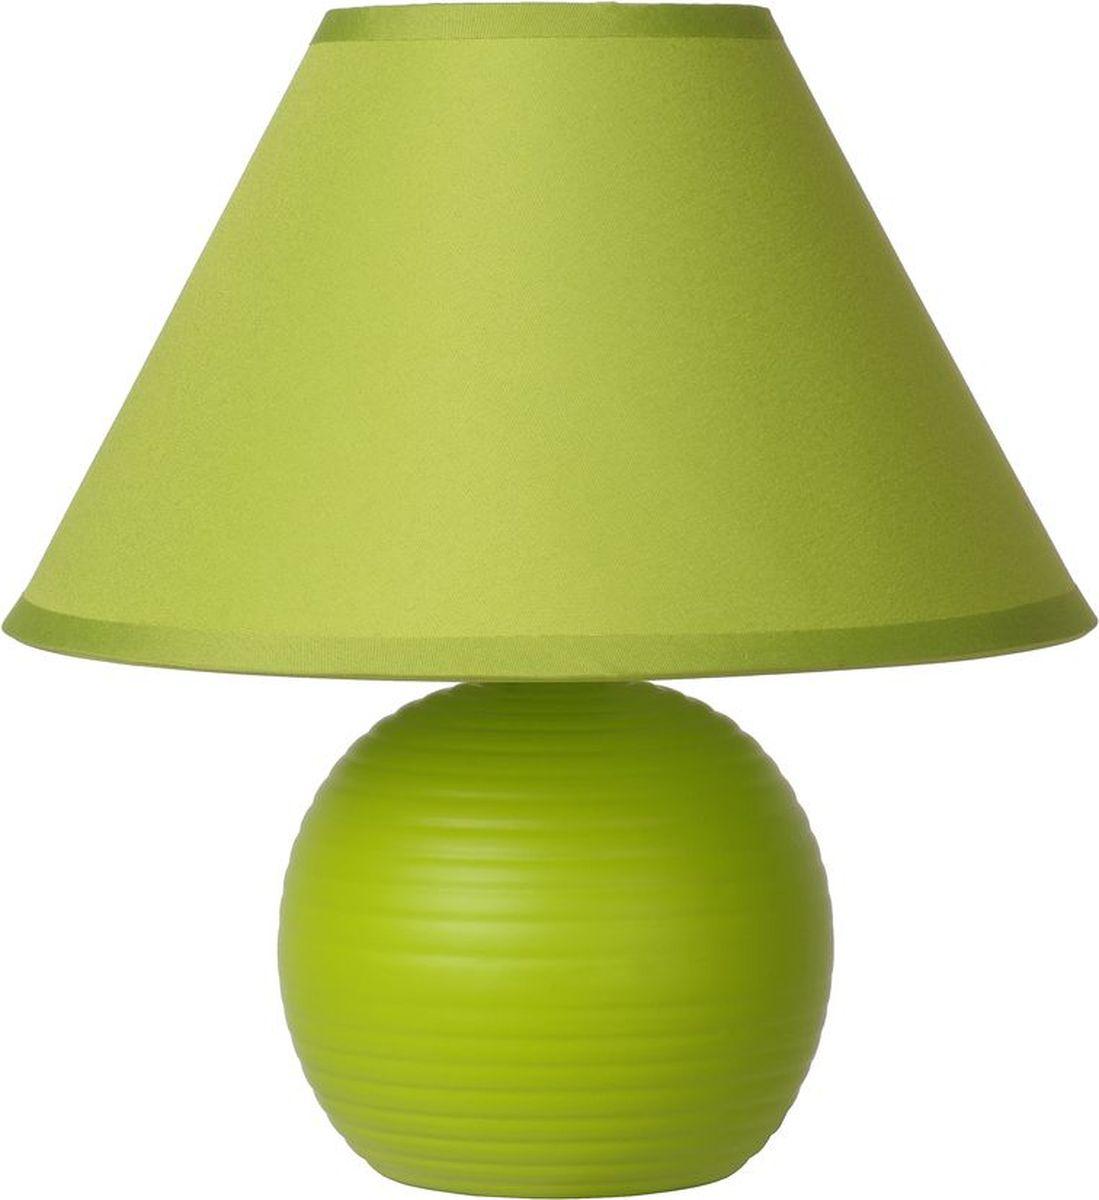 Лампа настольная Lucide Kaddy, цвет: зеленый, E14, 1 Вт. 14550/81/8514550/81/85